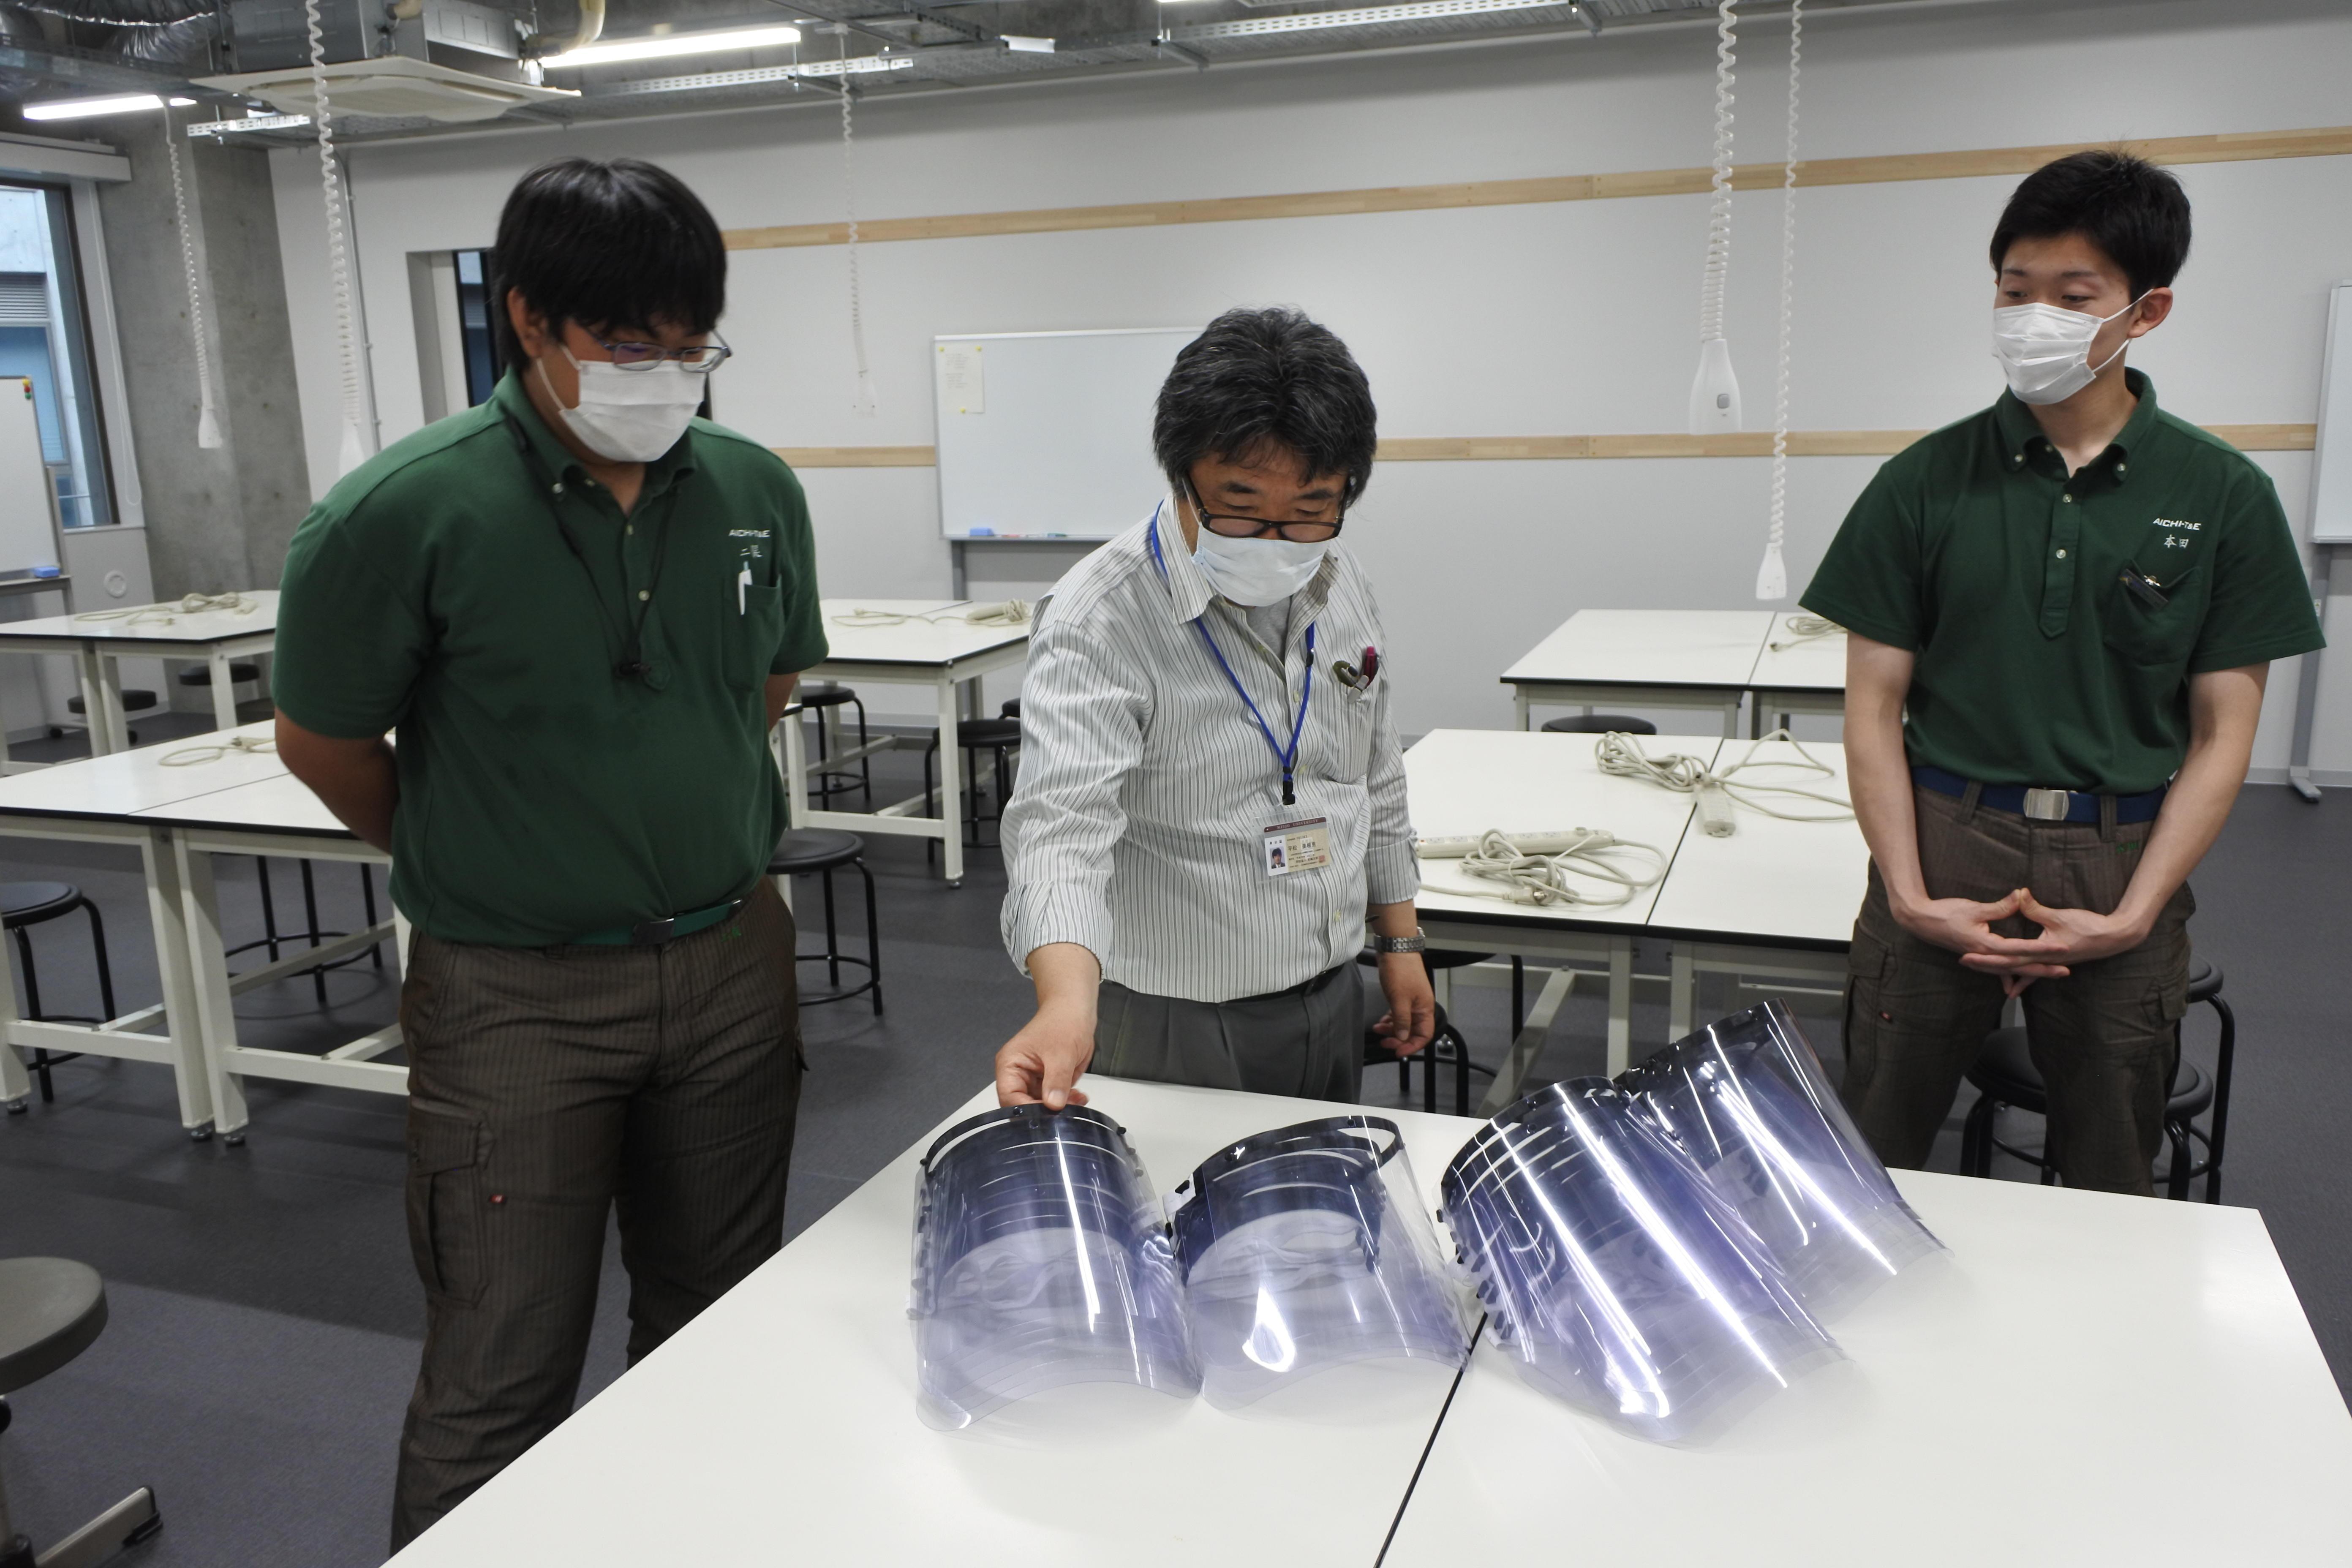 寄贈されたフェイスシールドと平松教授(中央)、本田さん(右)、二俣さん(左)